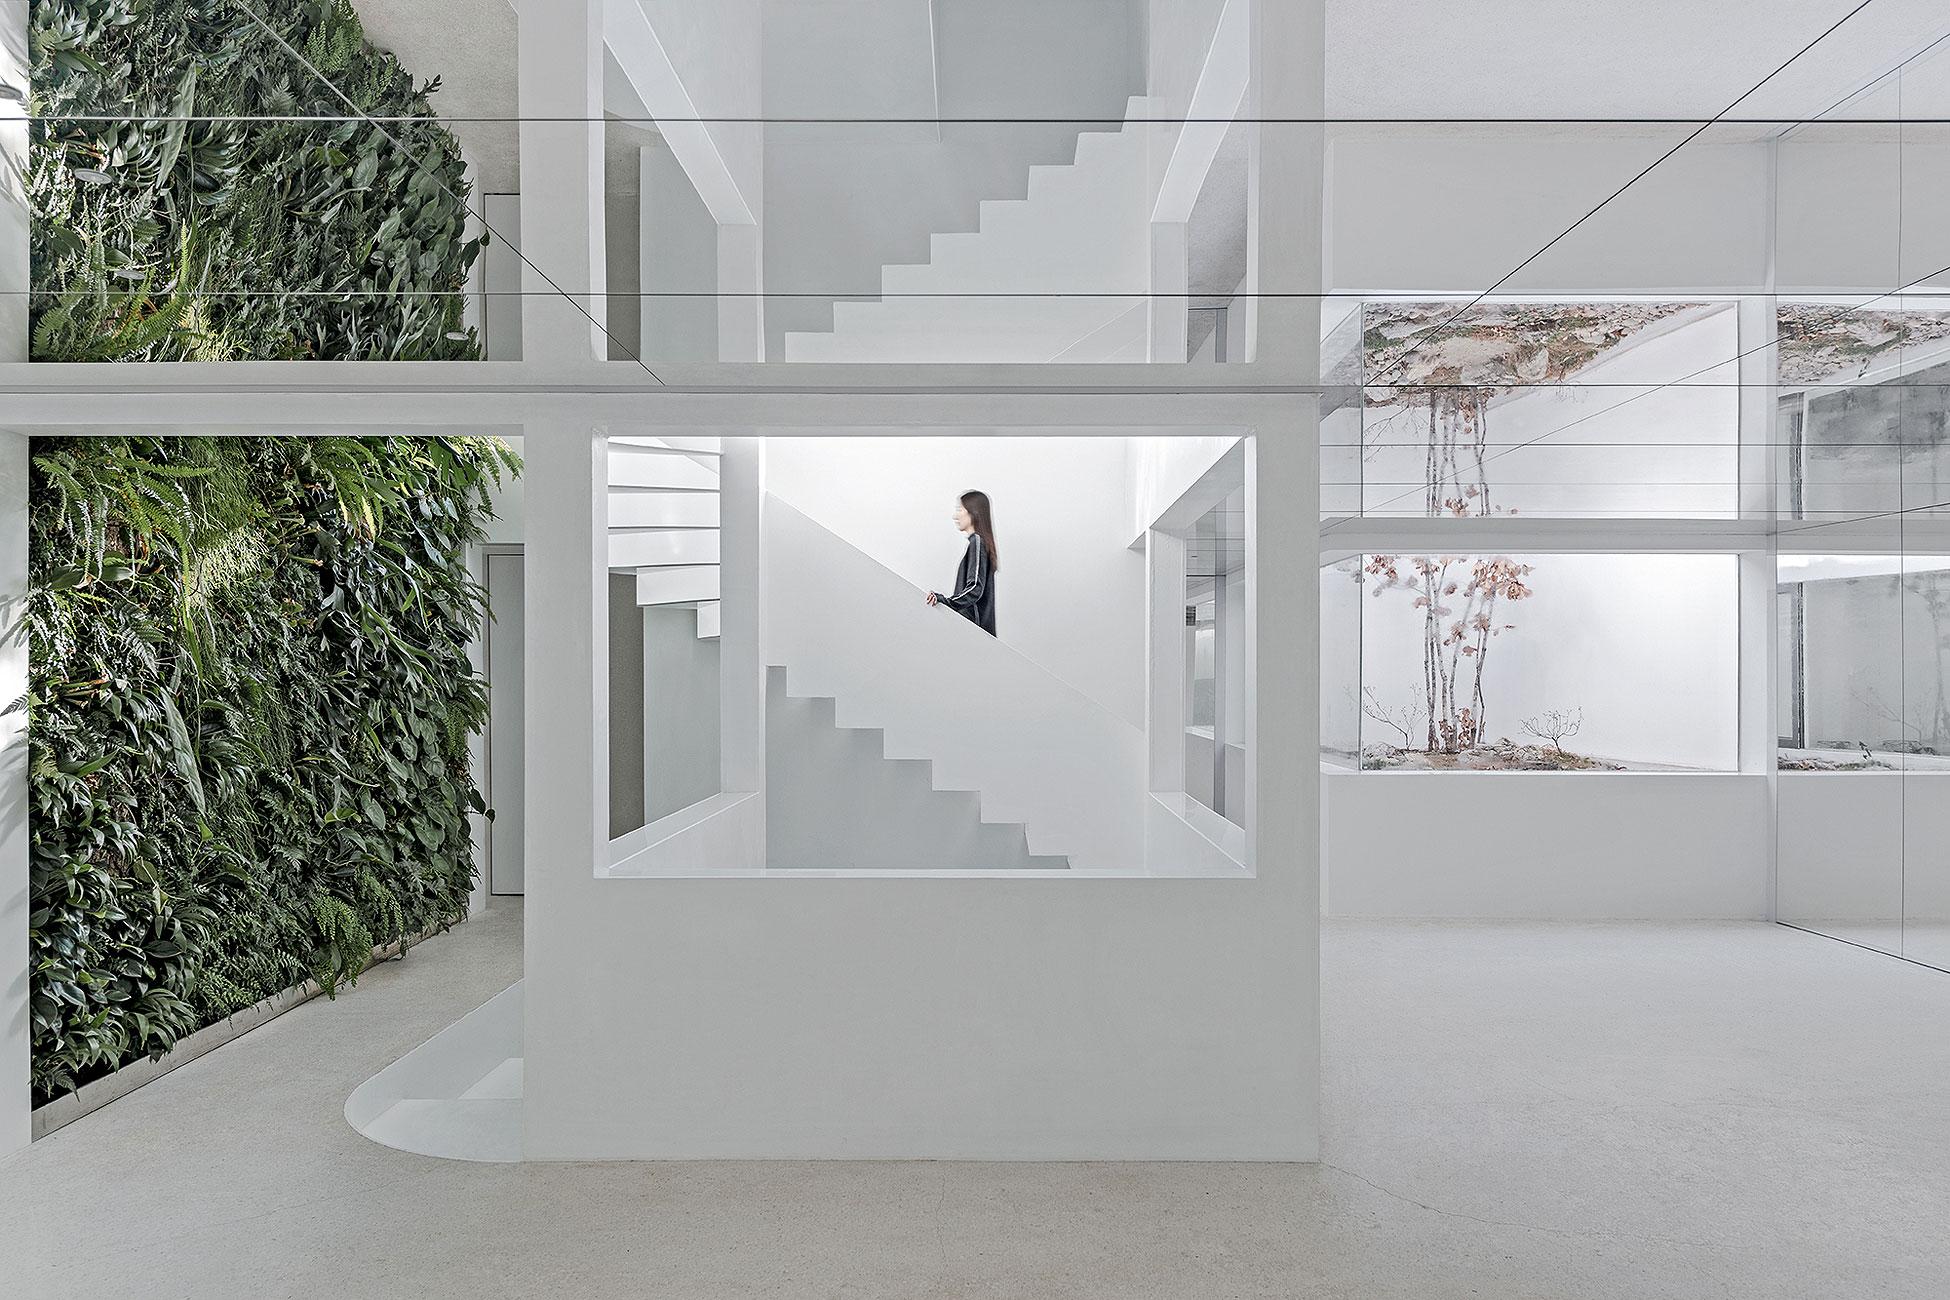 Espacio multifuncional en Pekín diseñado por Archstudio